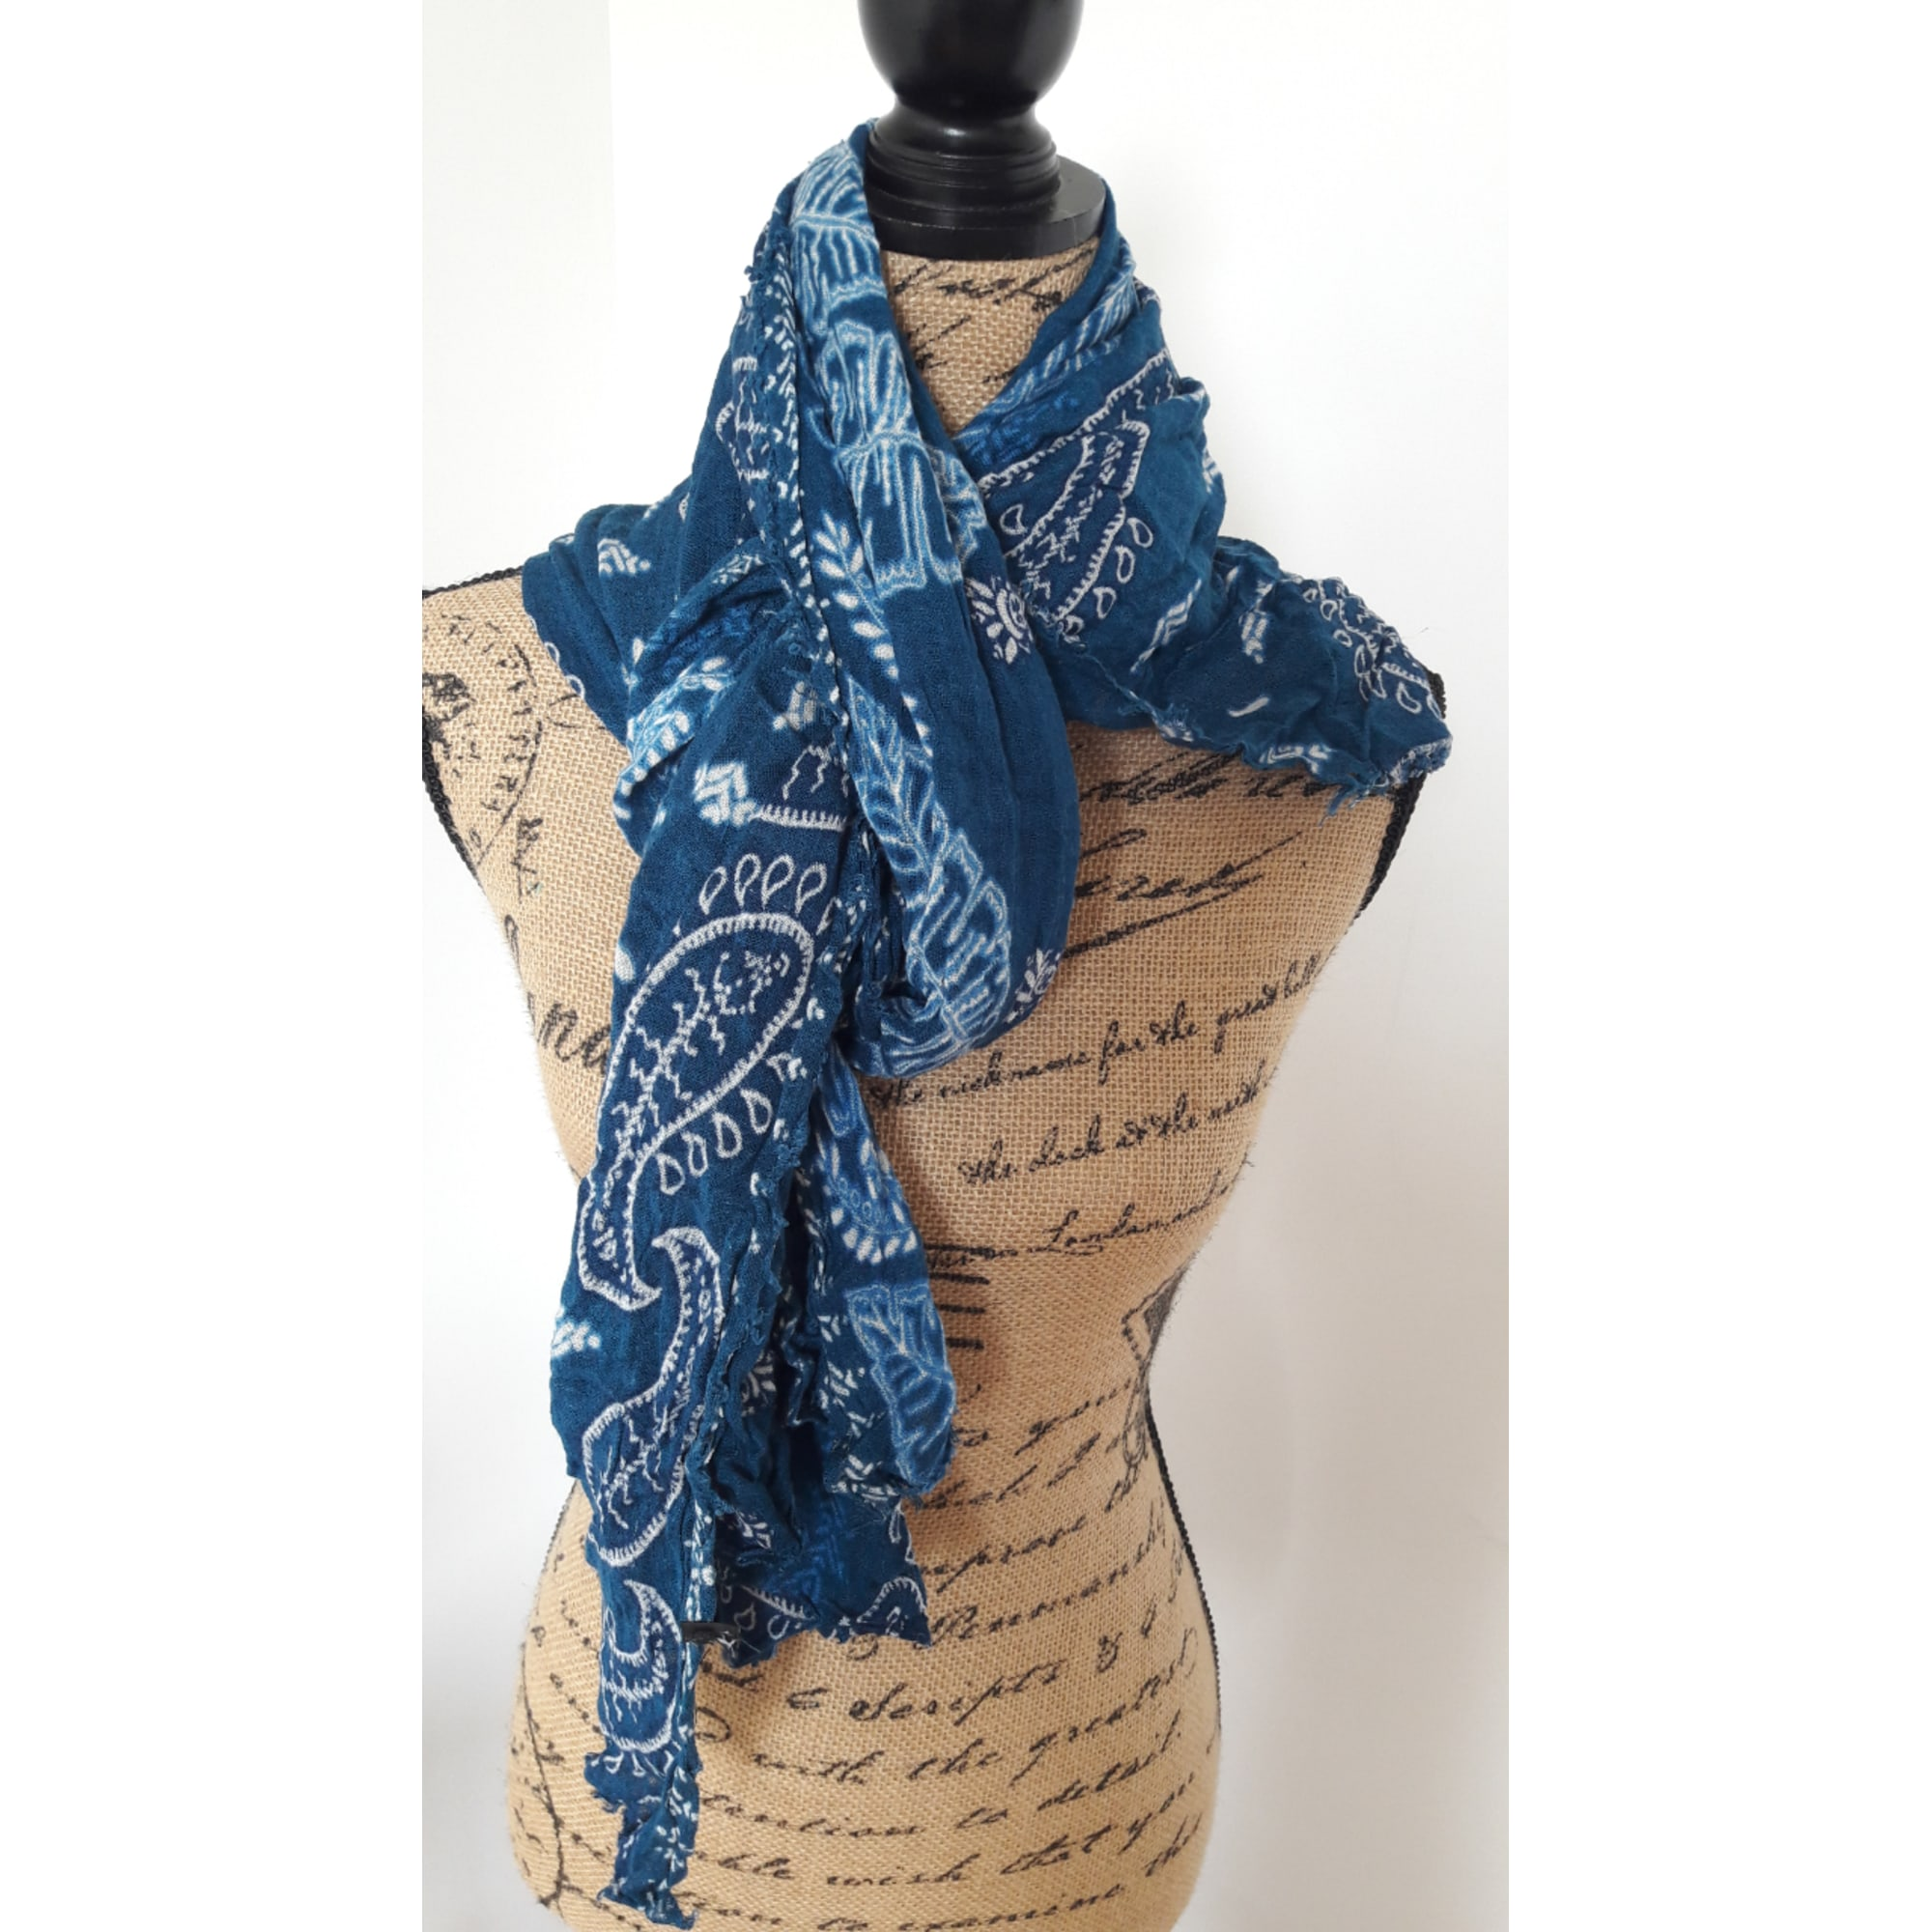 c981471930e0 Foulard ZARA Bleu, bleu marine, bleu turquoise